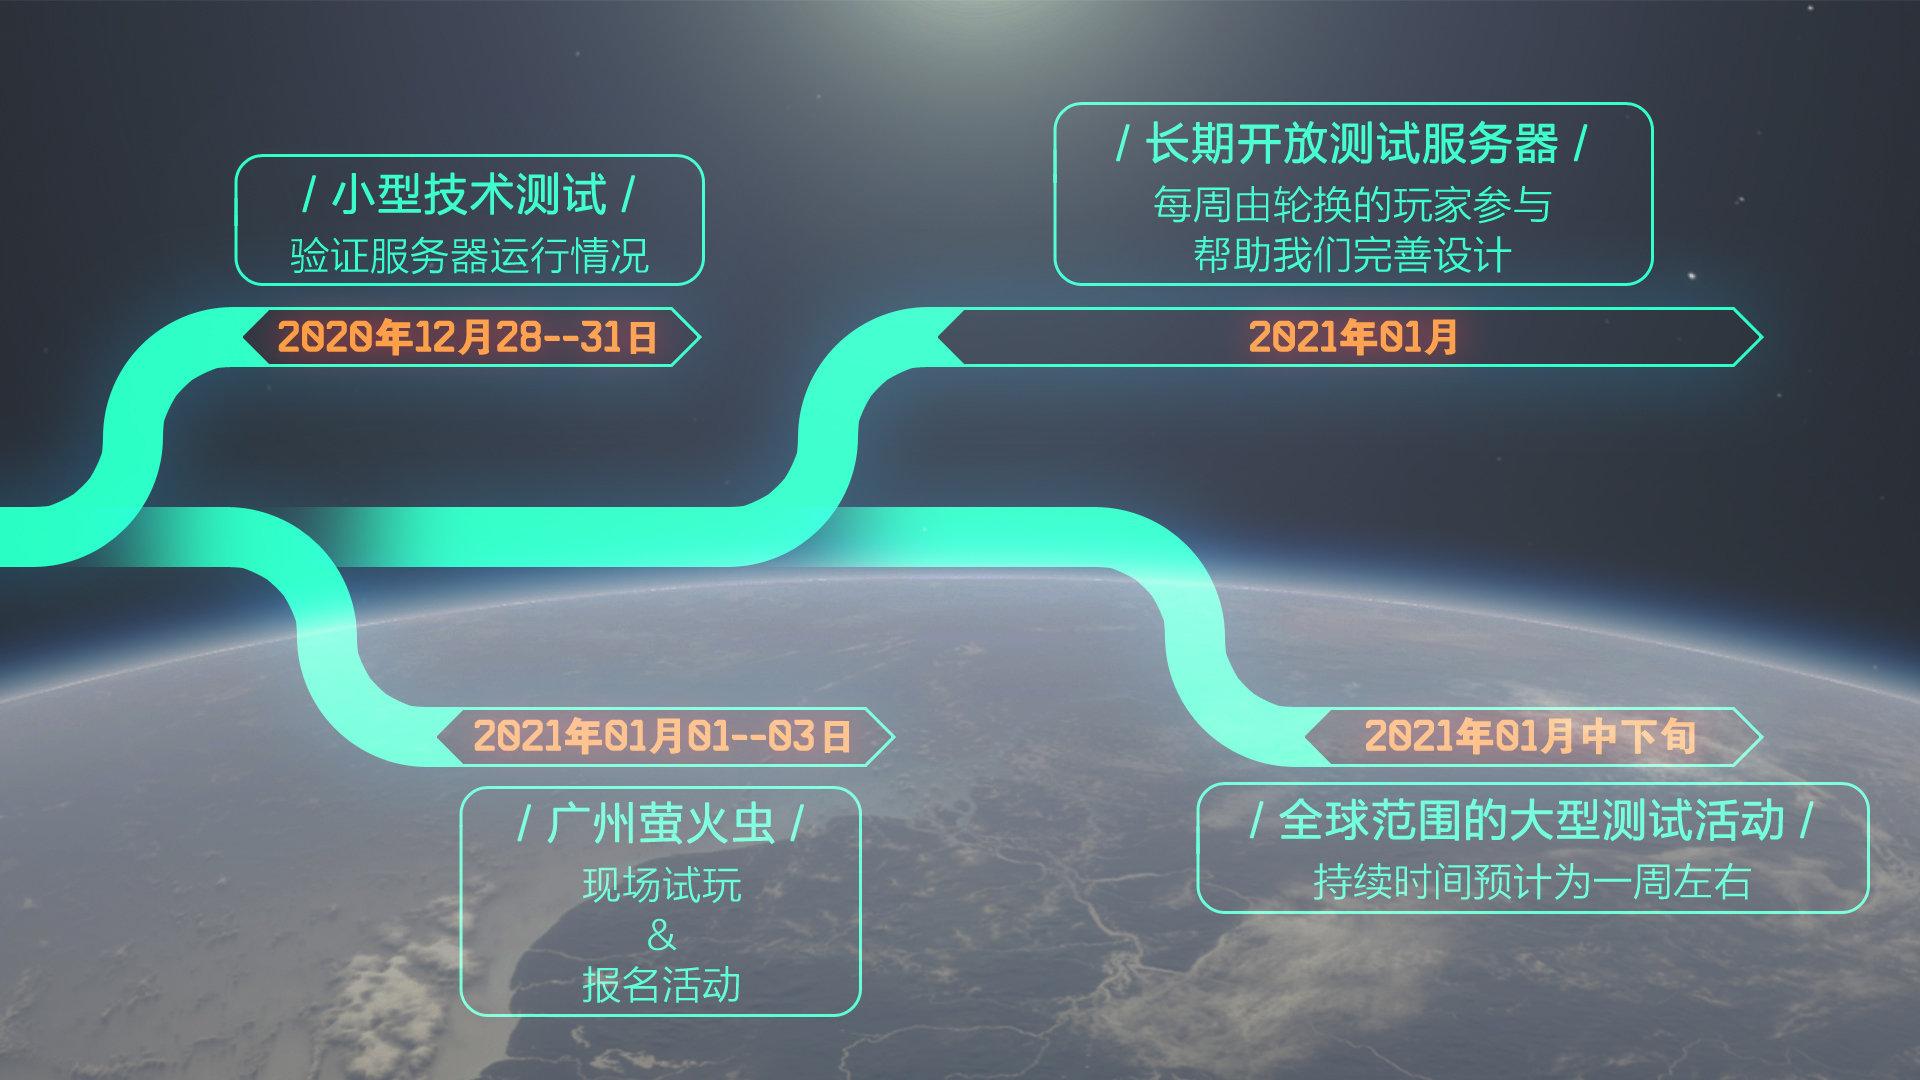 国产FPS《边境》预计明年上半年发售 1月中下旬封测